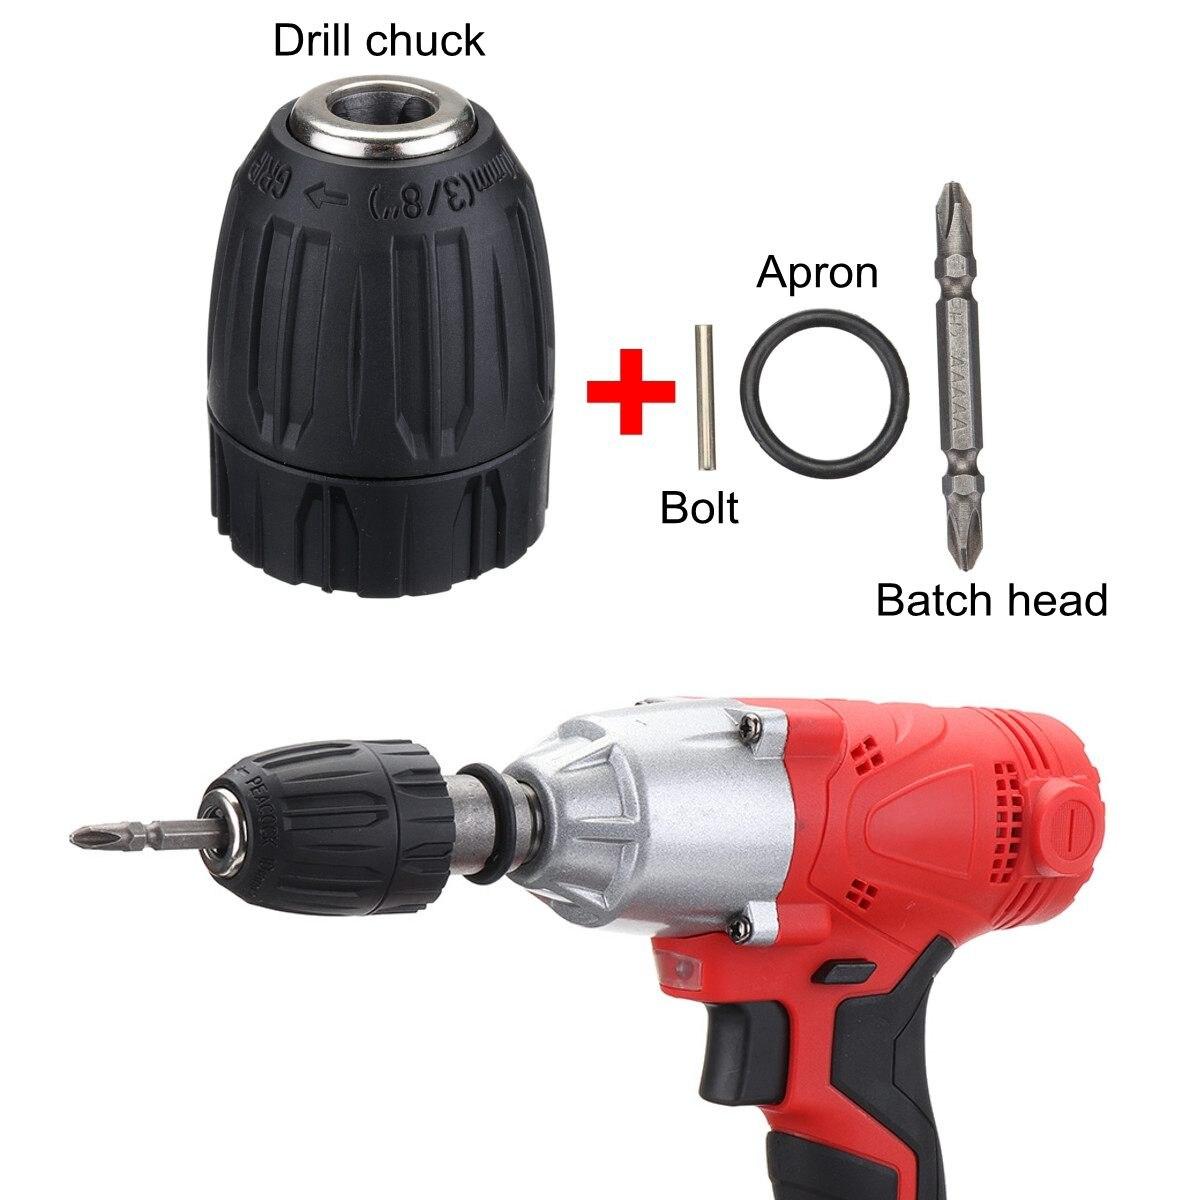 cabeça soquete conjunto kit drill chuck drive